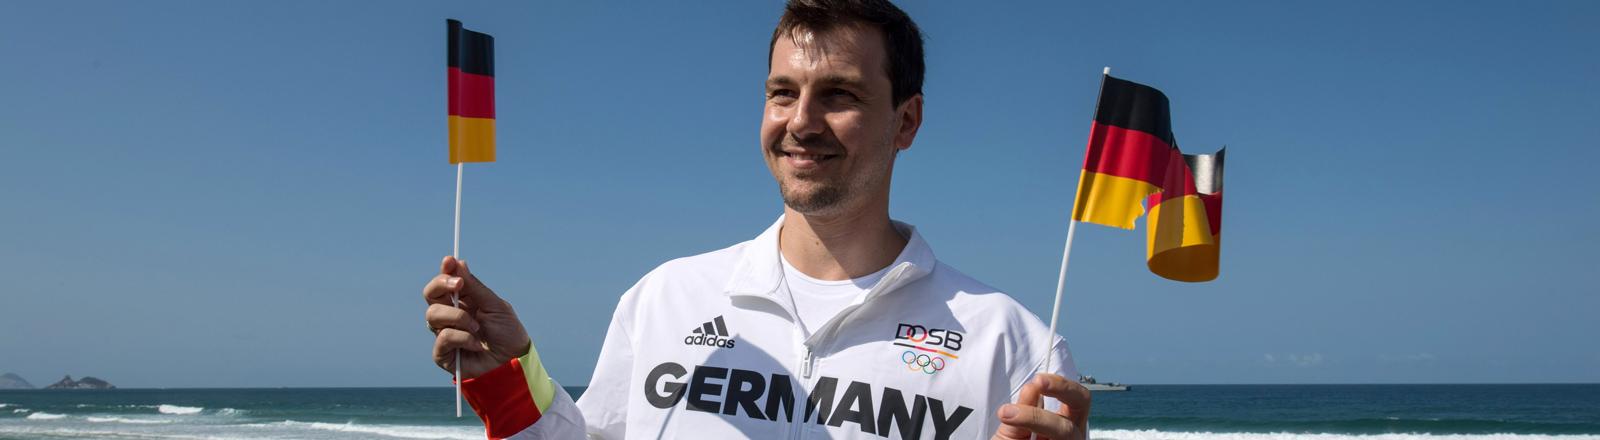 Tischtennisspieler Timo Boll wird am 05.08.2016 die deutsche Fahne ins Olympia Stadion in Rio de Janeiro tragen.